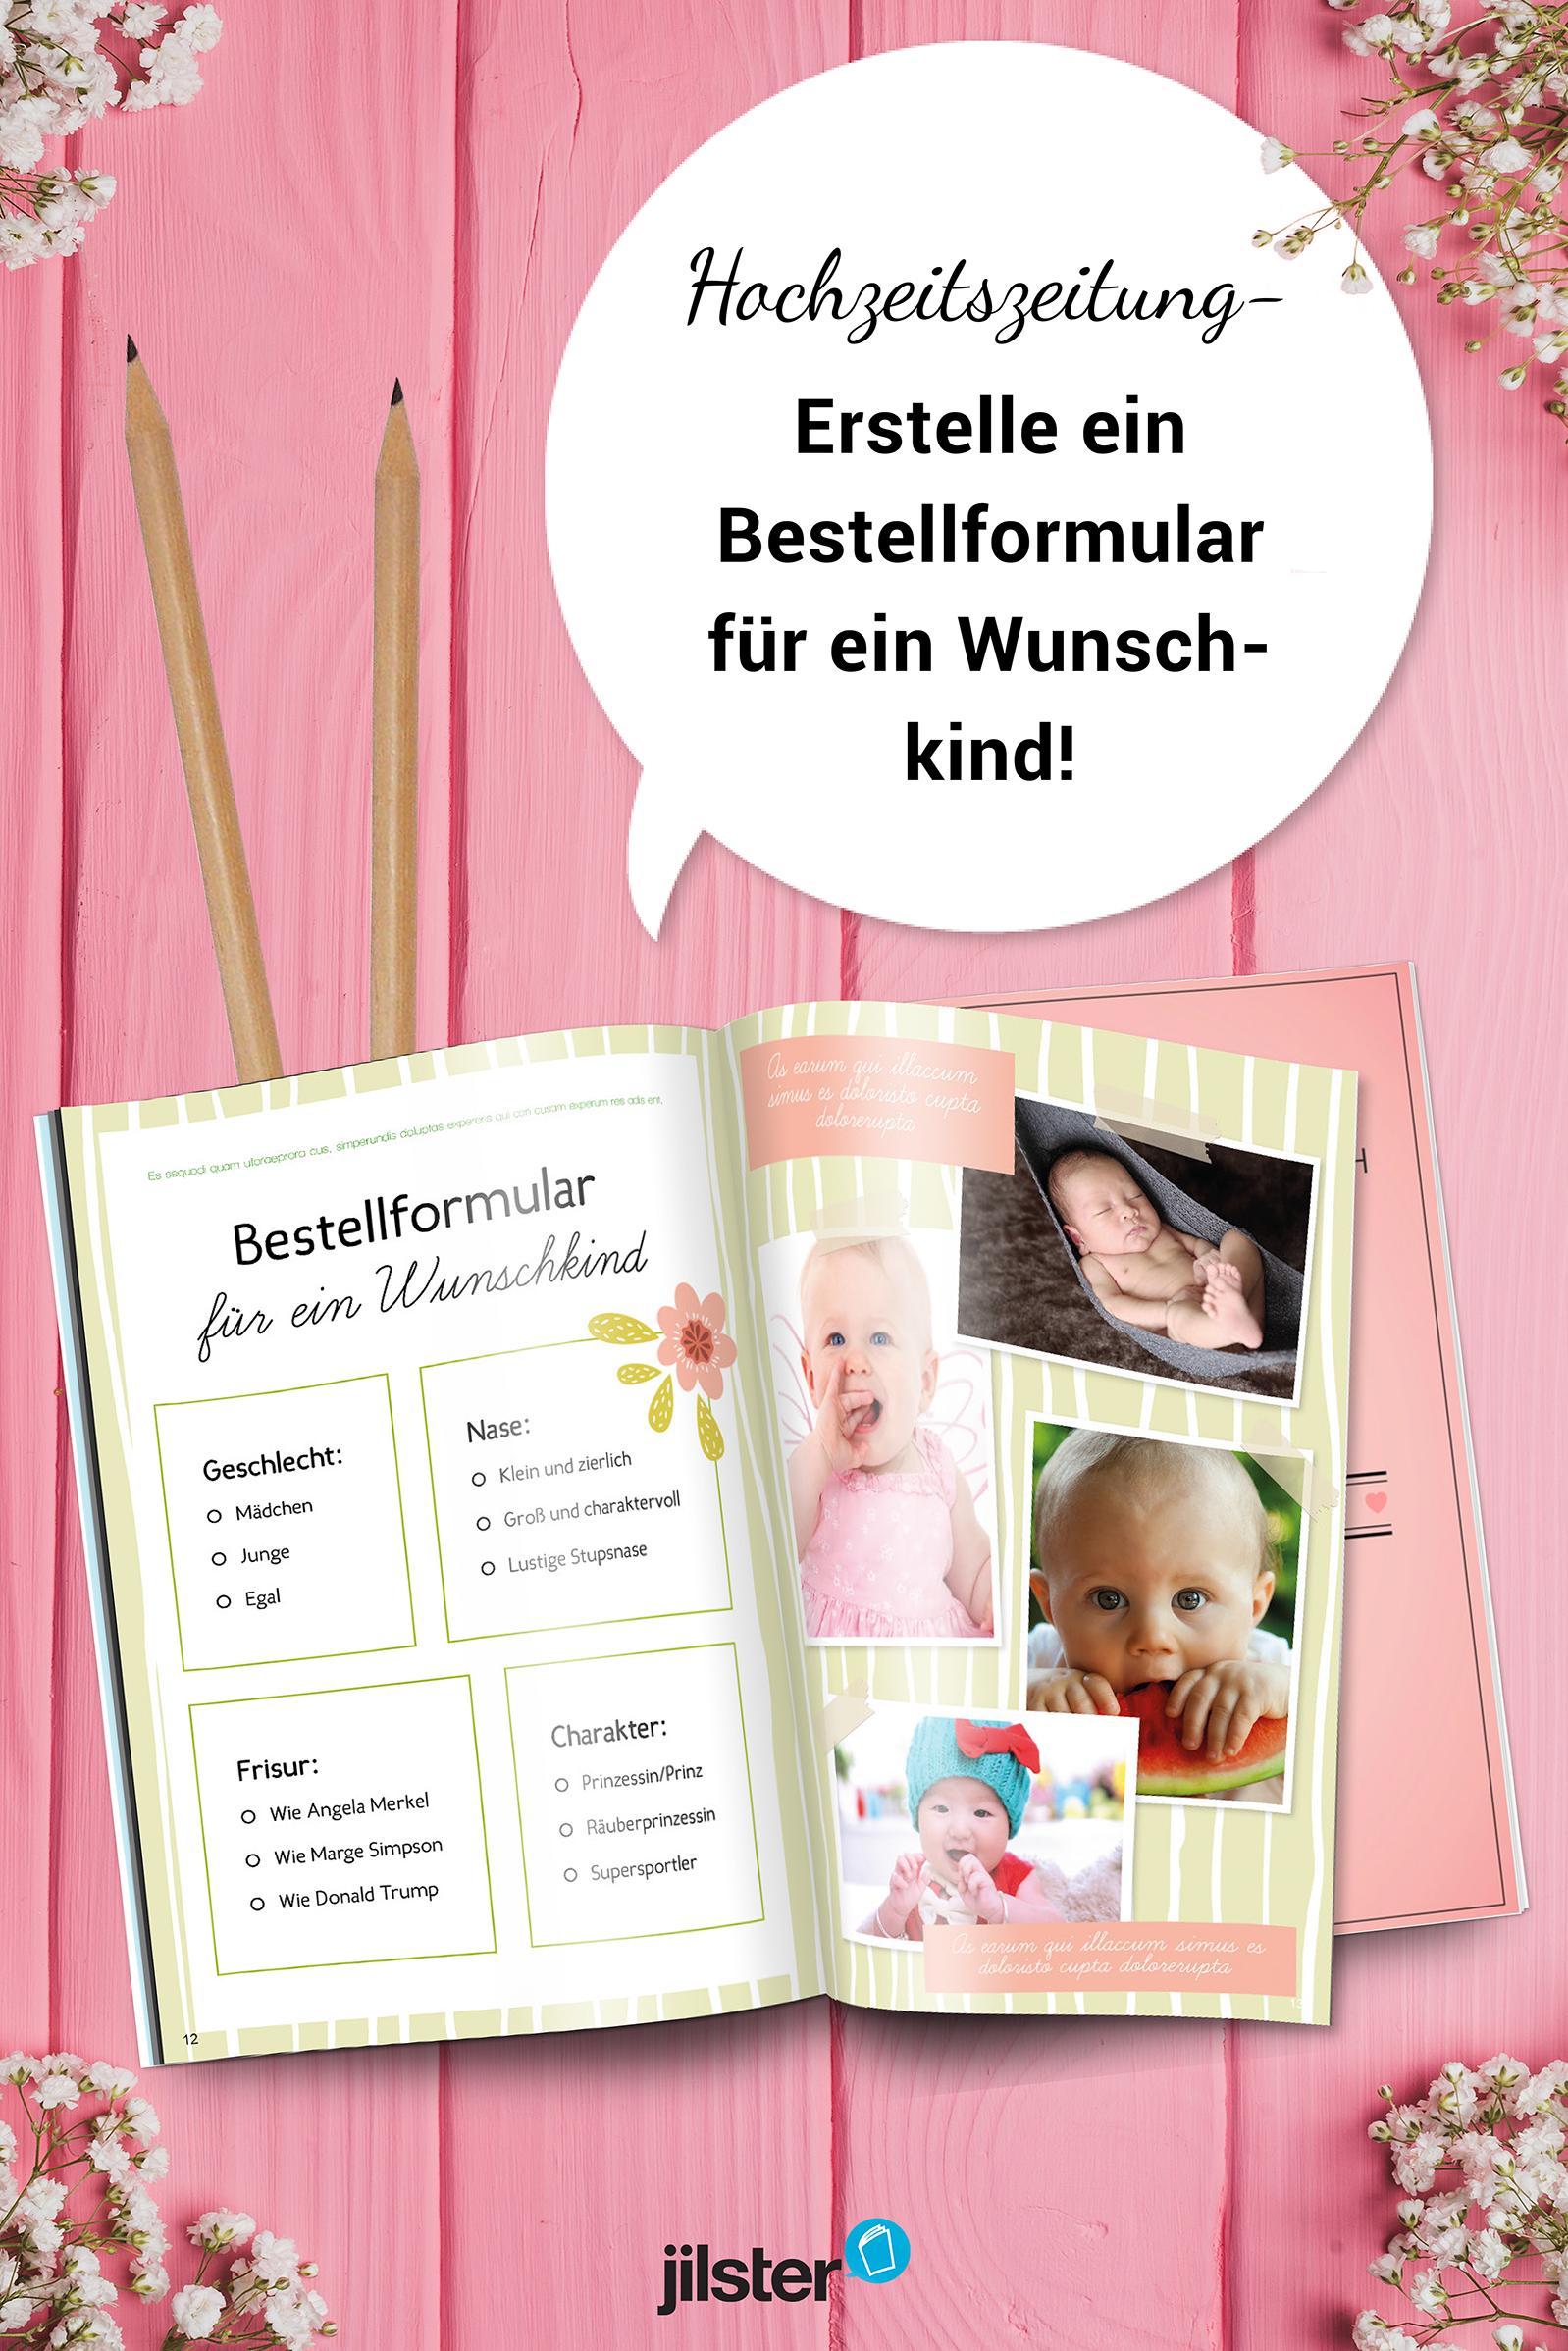 Lustige Hochzeitszeitung: Bestellformular Wunschkind | Pinterest ...